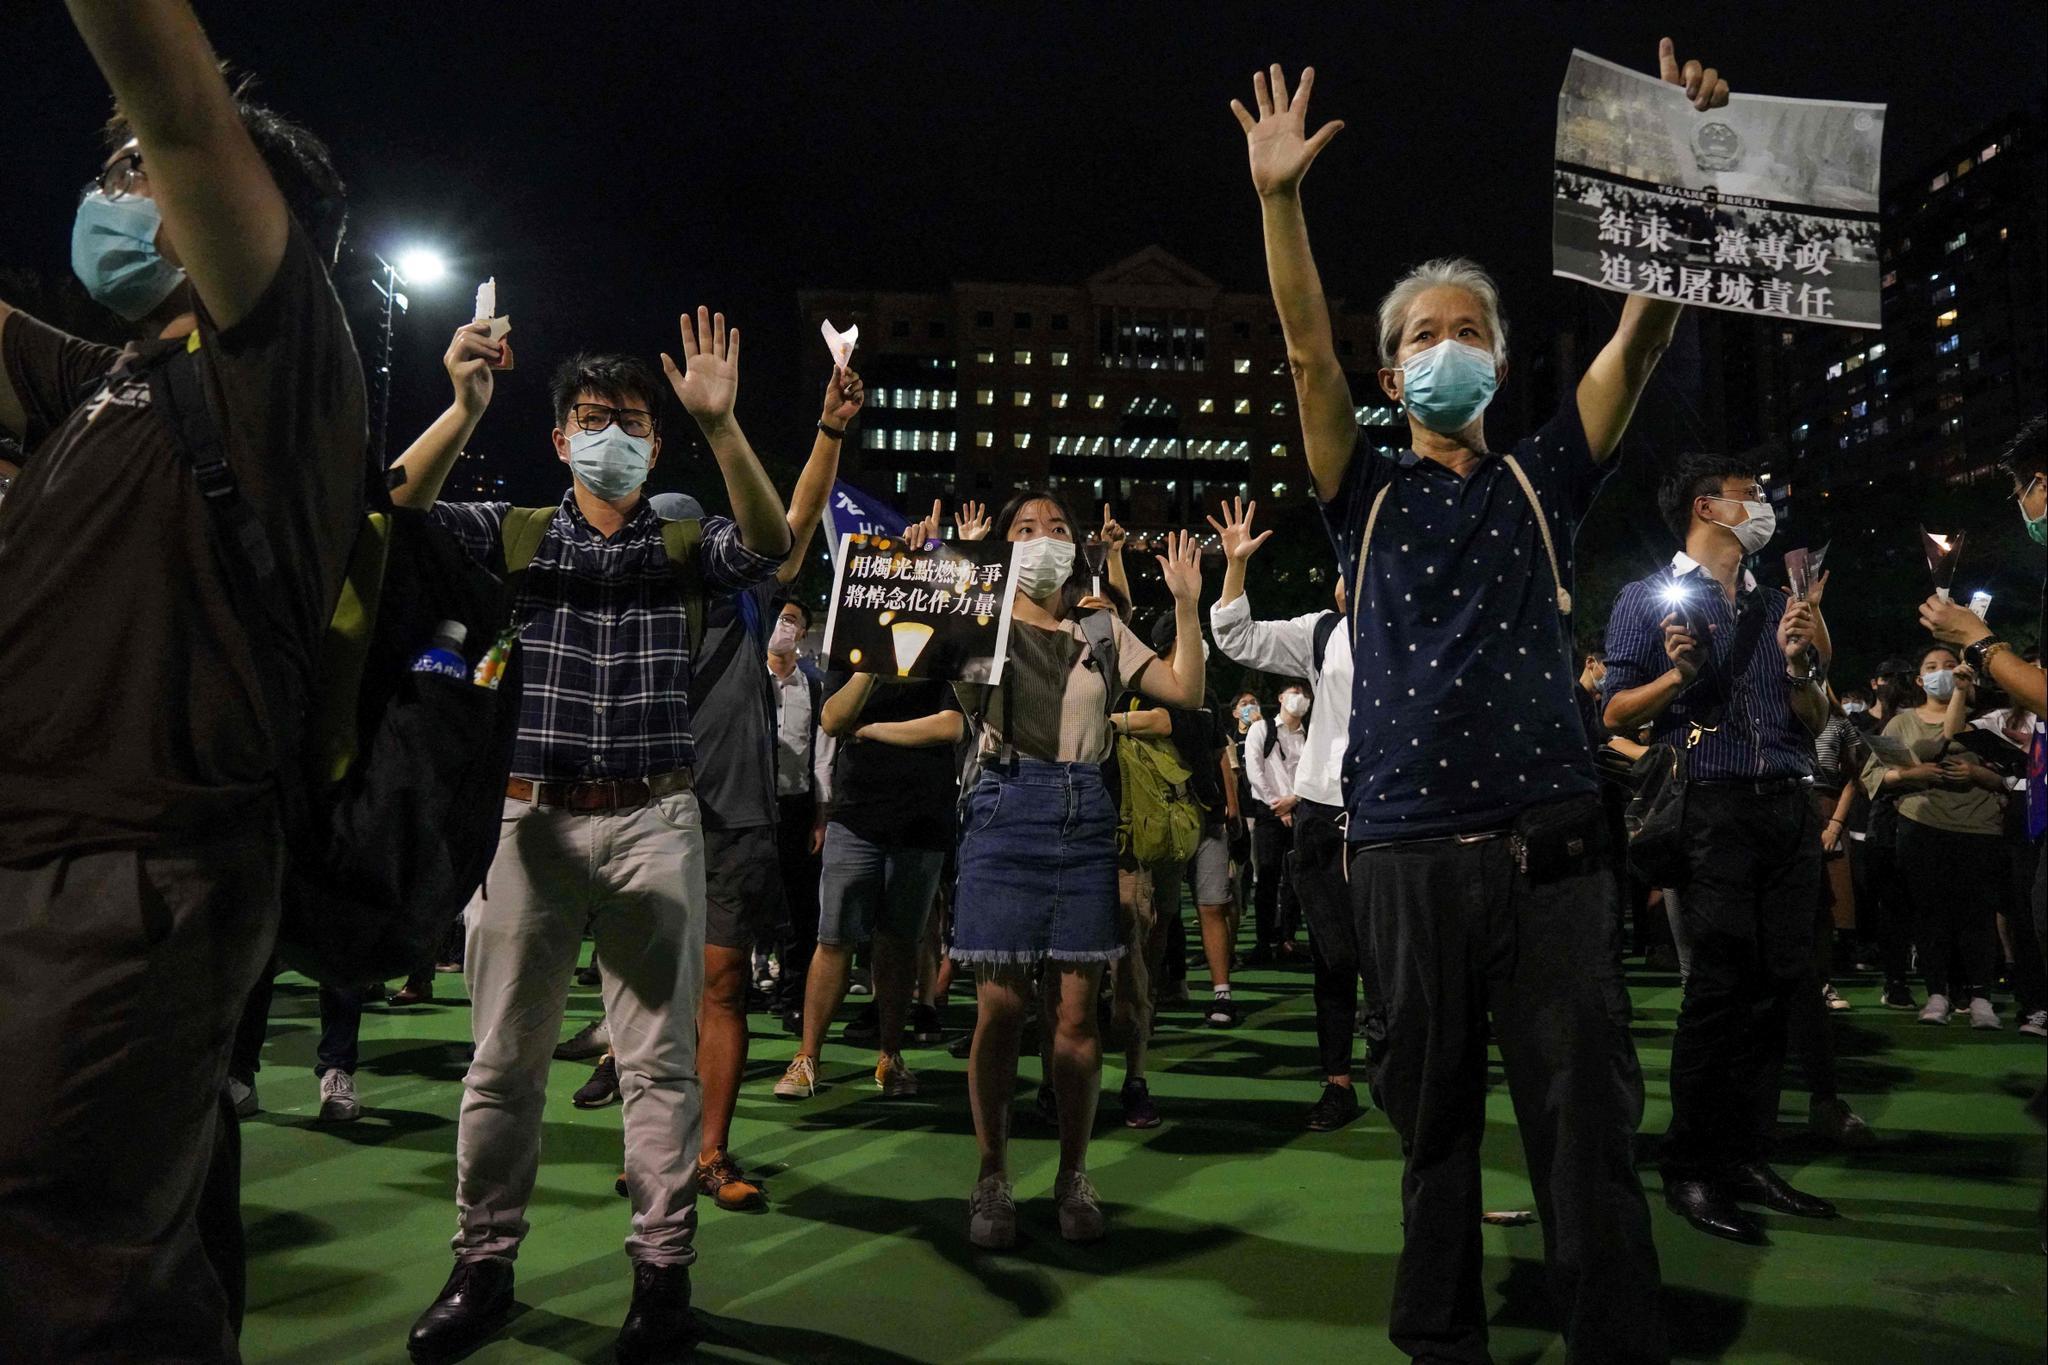 Les manifestants s'étaient tout de même rassemblés.